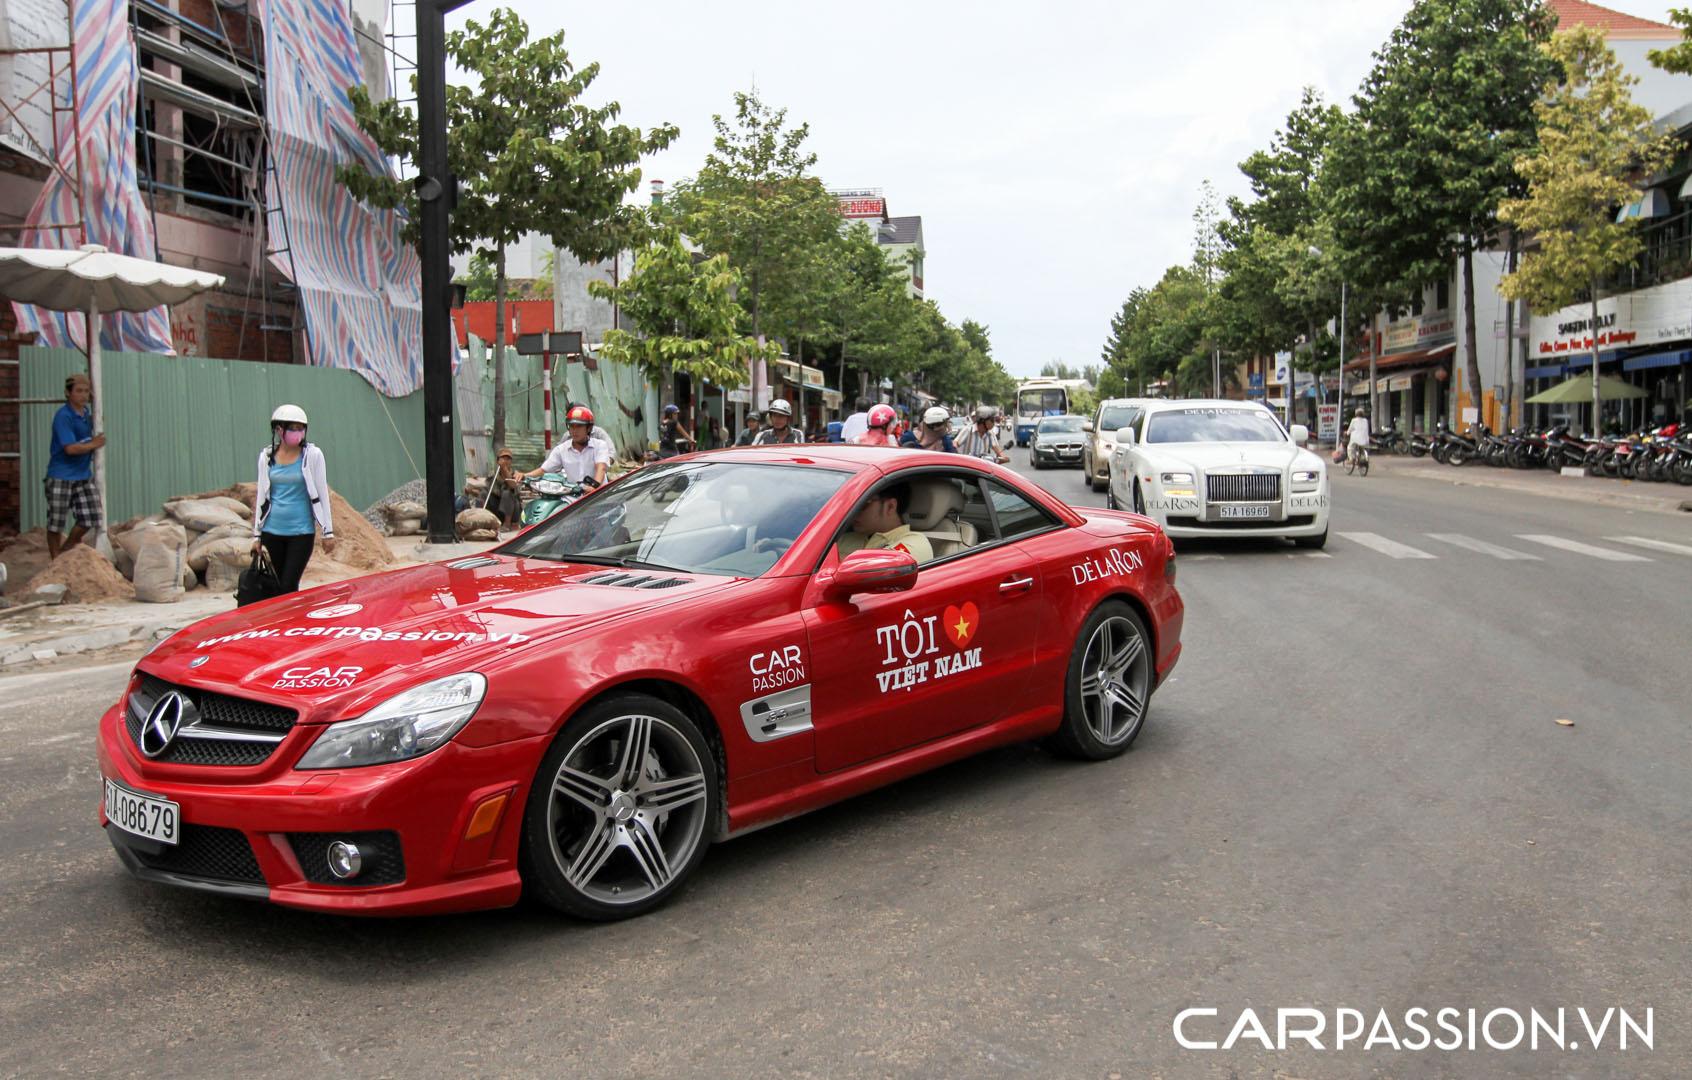 CP-Hành trình siêu xe CarPassion 2011 (175).jpg